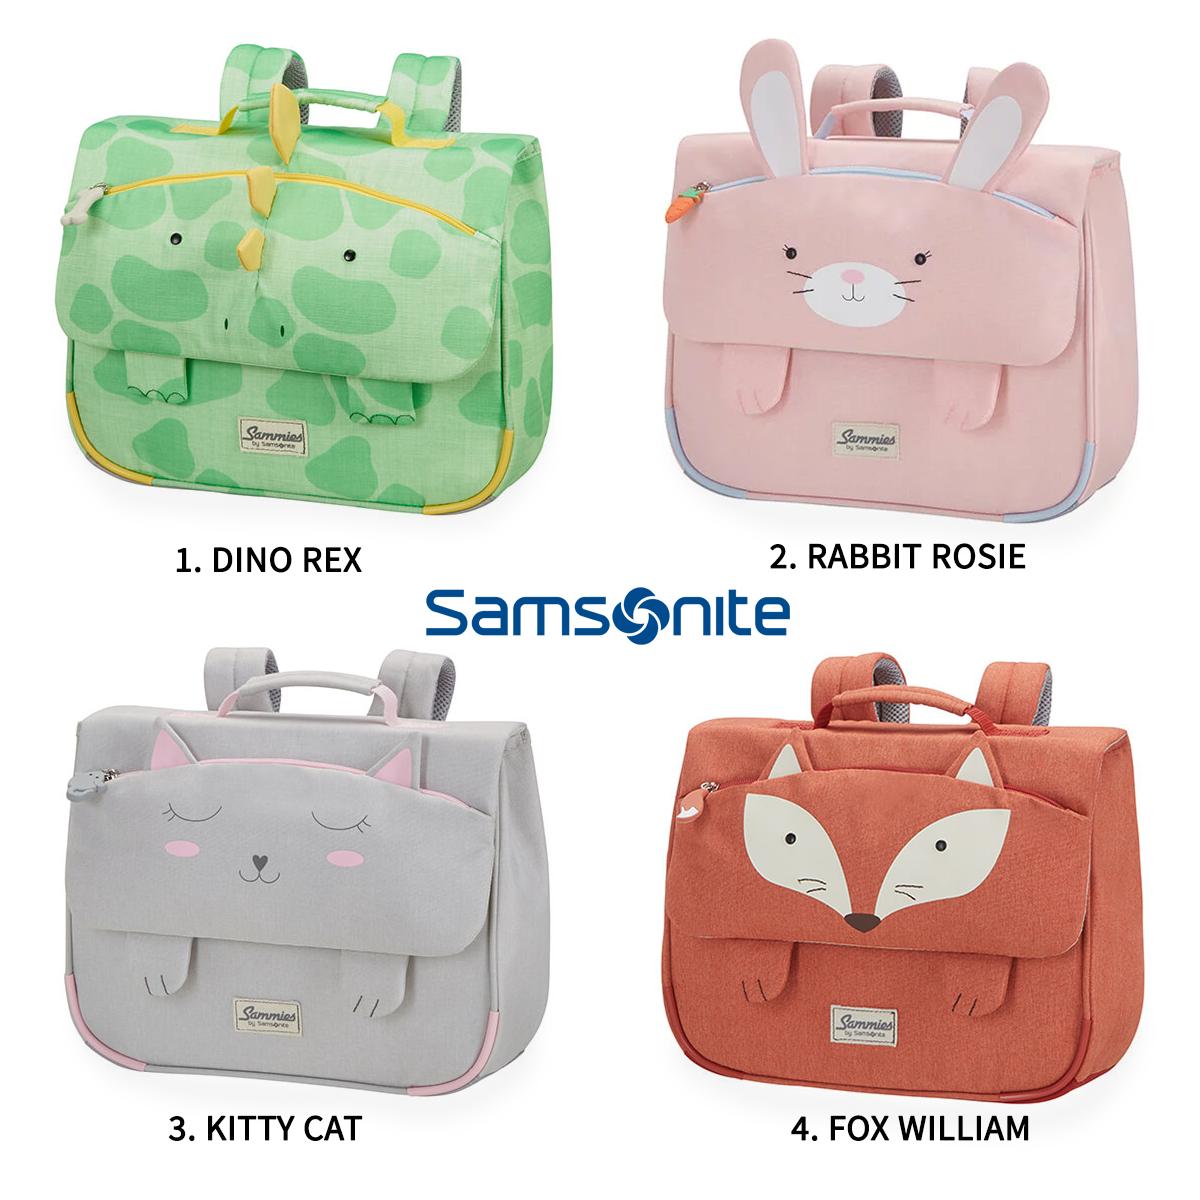 Detské tašky Happy Sammies Samsonite